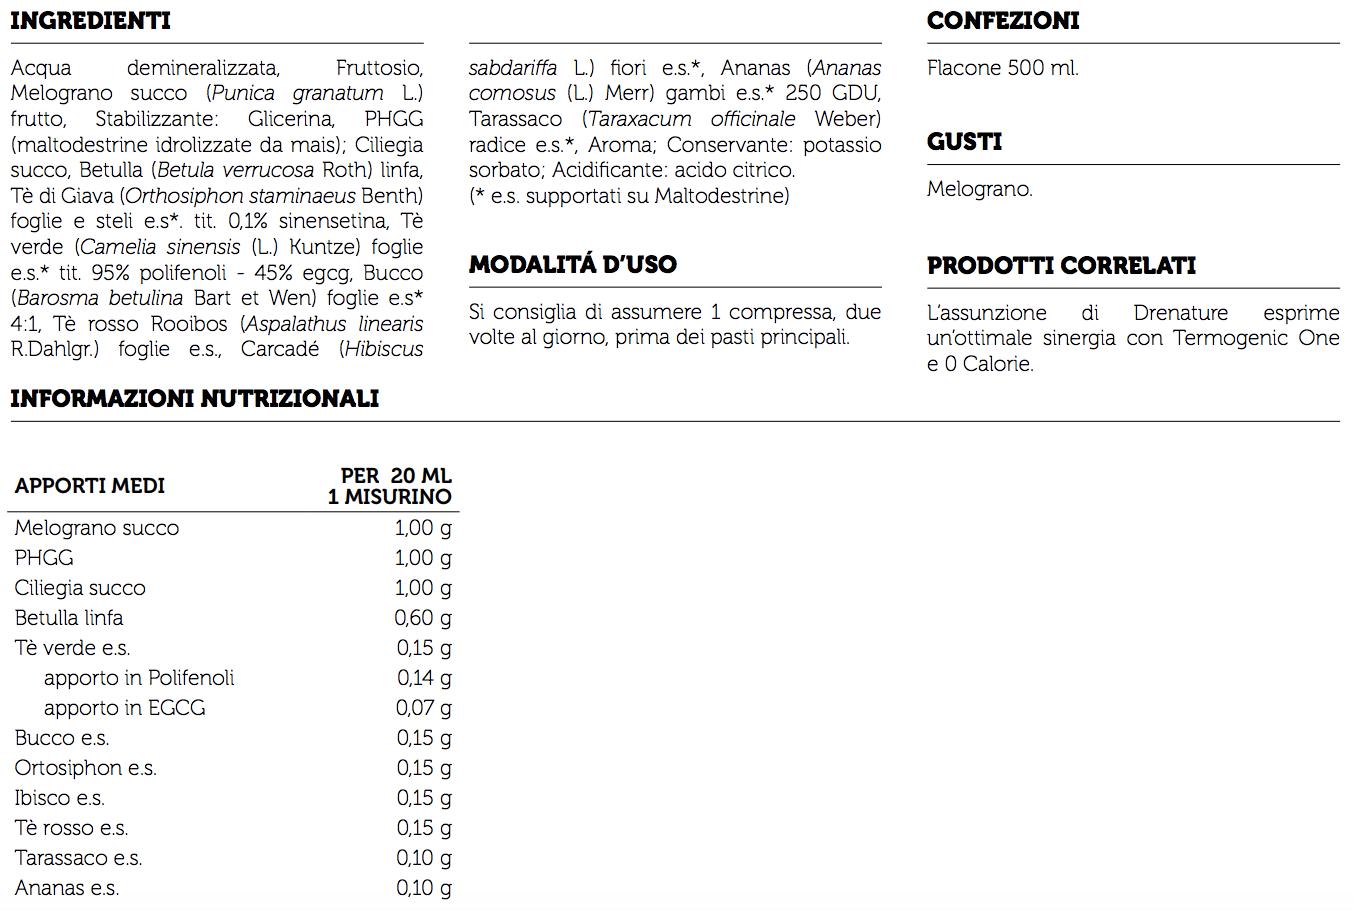 informazioni nutrizionali drenature syform 500 ml